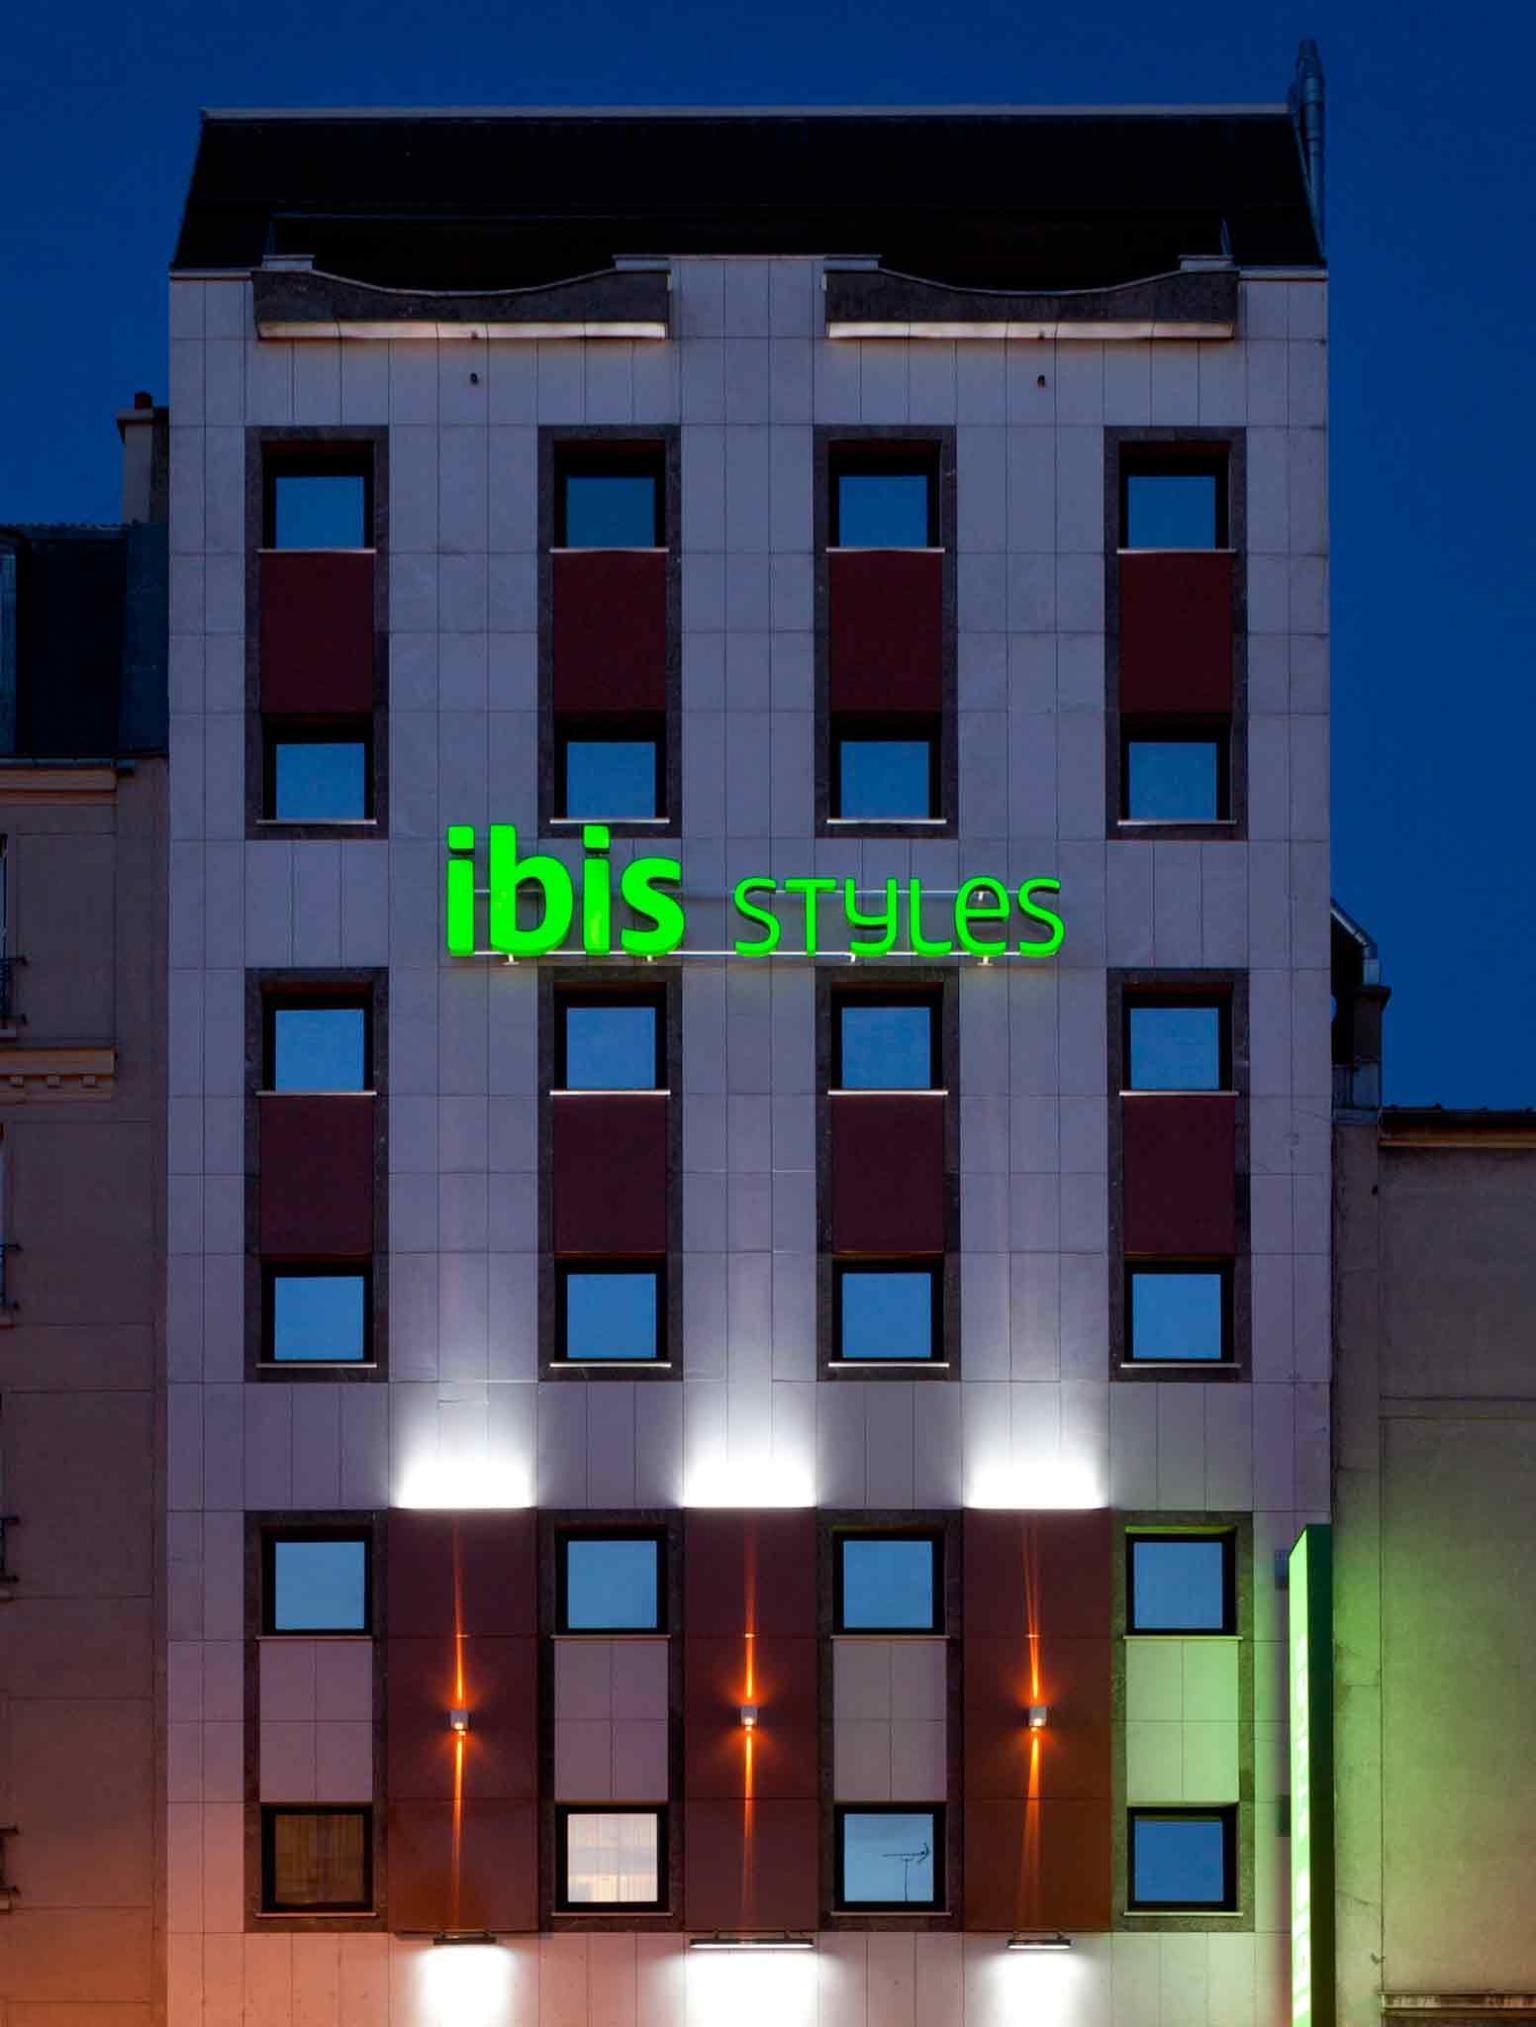 Ibis styles paris porte d 39 orleans h tel 41 avenue aristide briand 92120 montrouge adresse - Lidl porte d orleans horaires ...